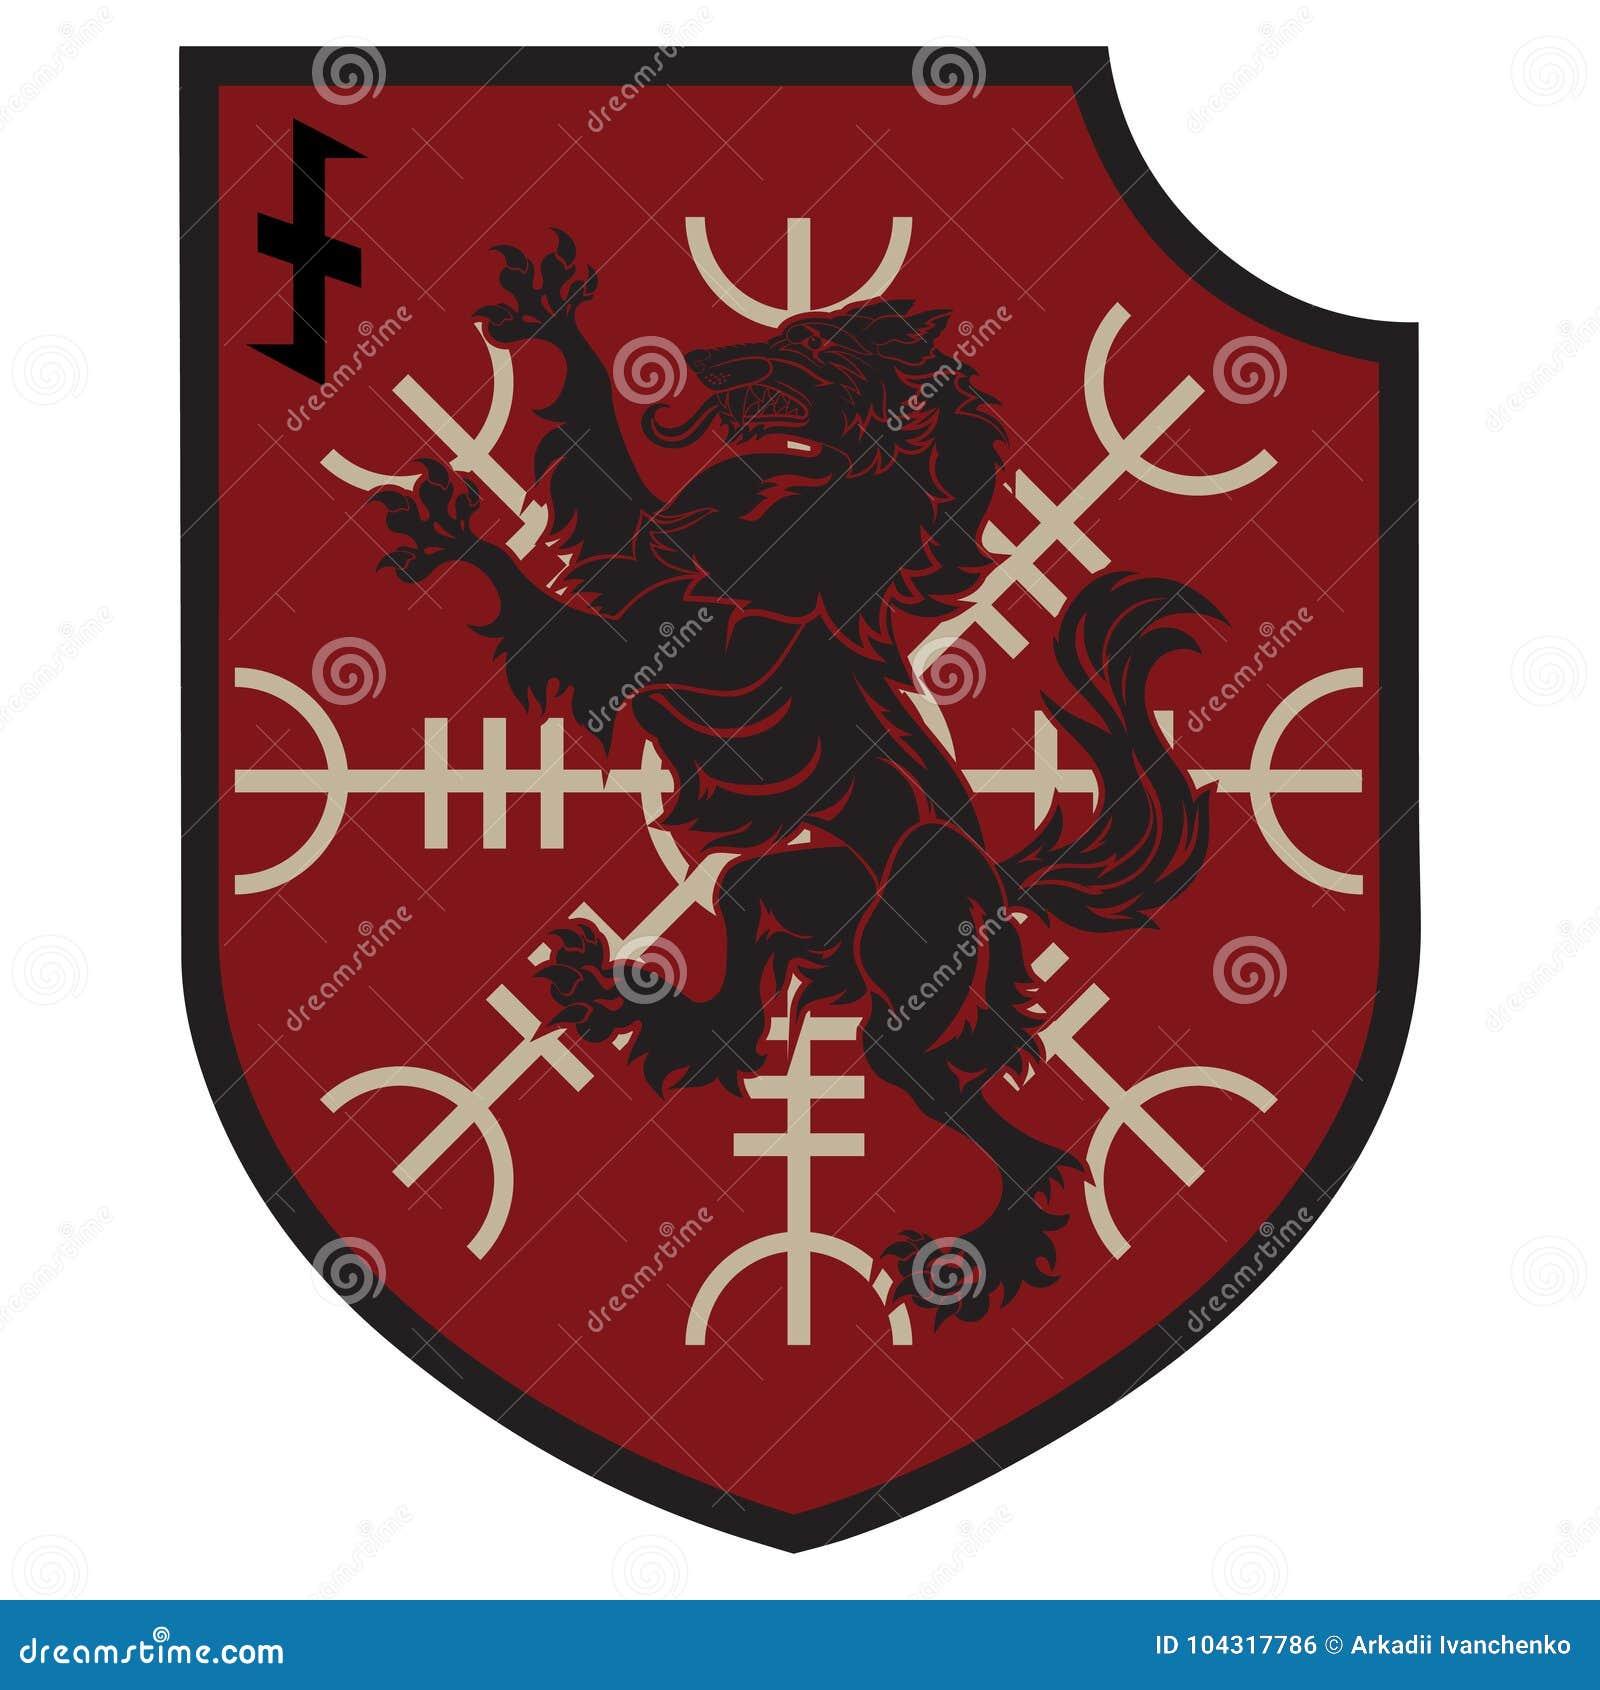 Projekt łata Heraldyczna osłona z wilkołakiem, ster respekt i rune Wolfsangel,